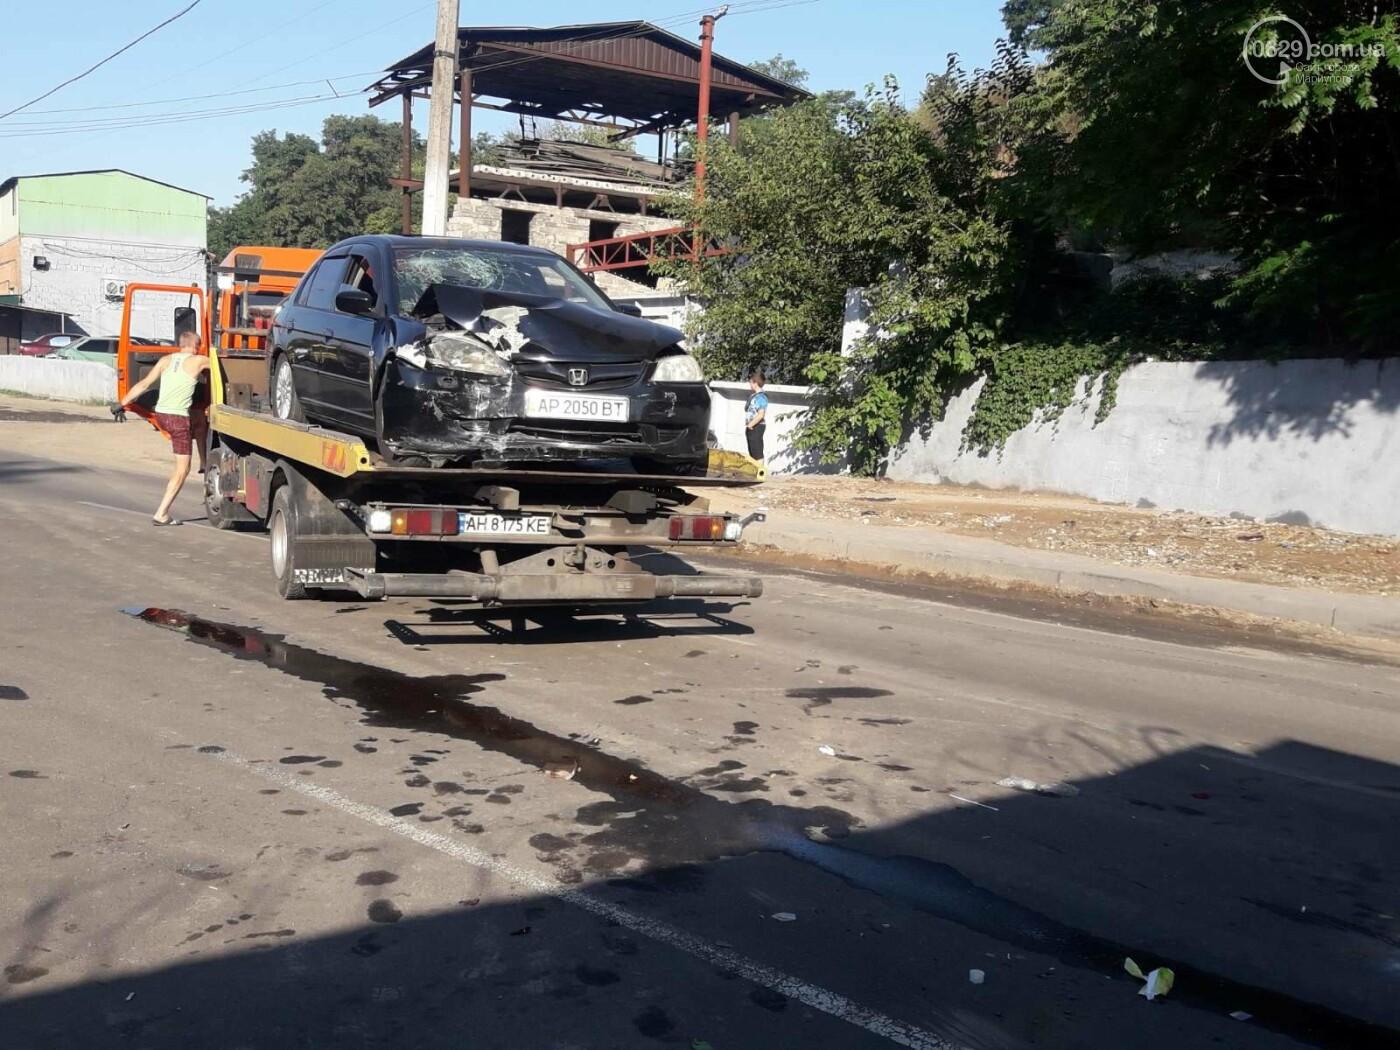 """На рассвете в Мариуполе """"Хонда"""" влетела в забор порта. Четверо пострадавших, - ФОТО, фото-4"""